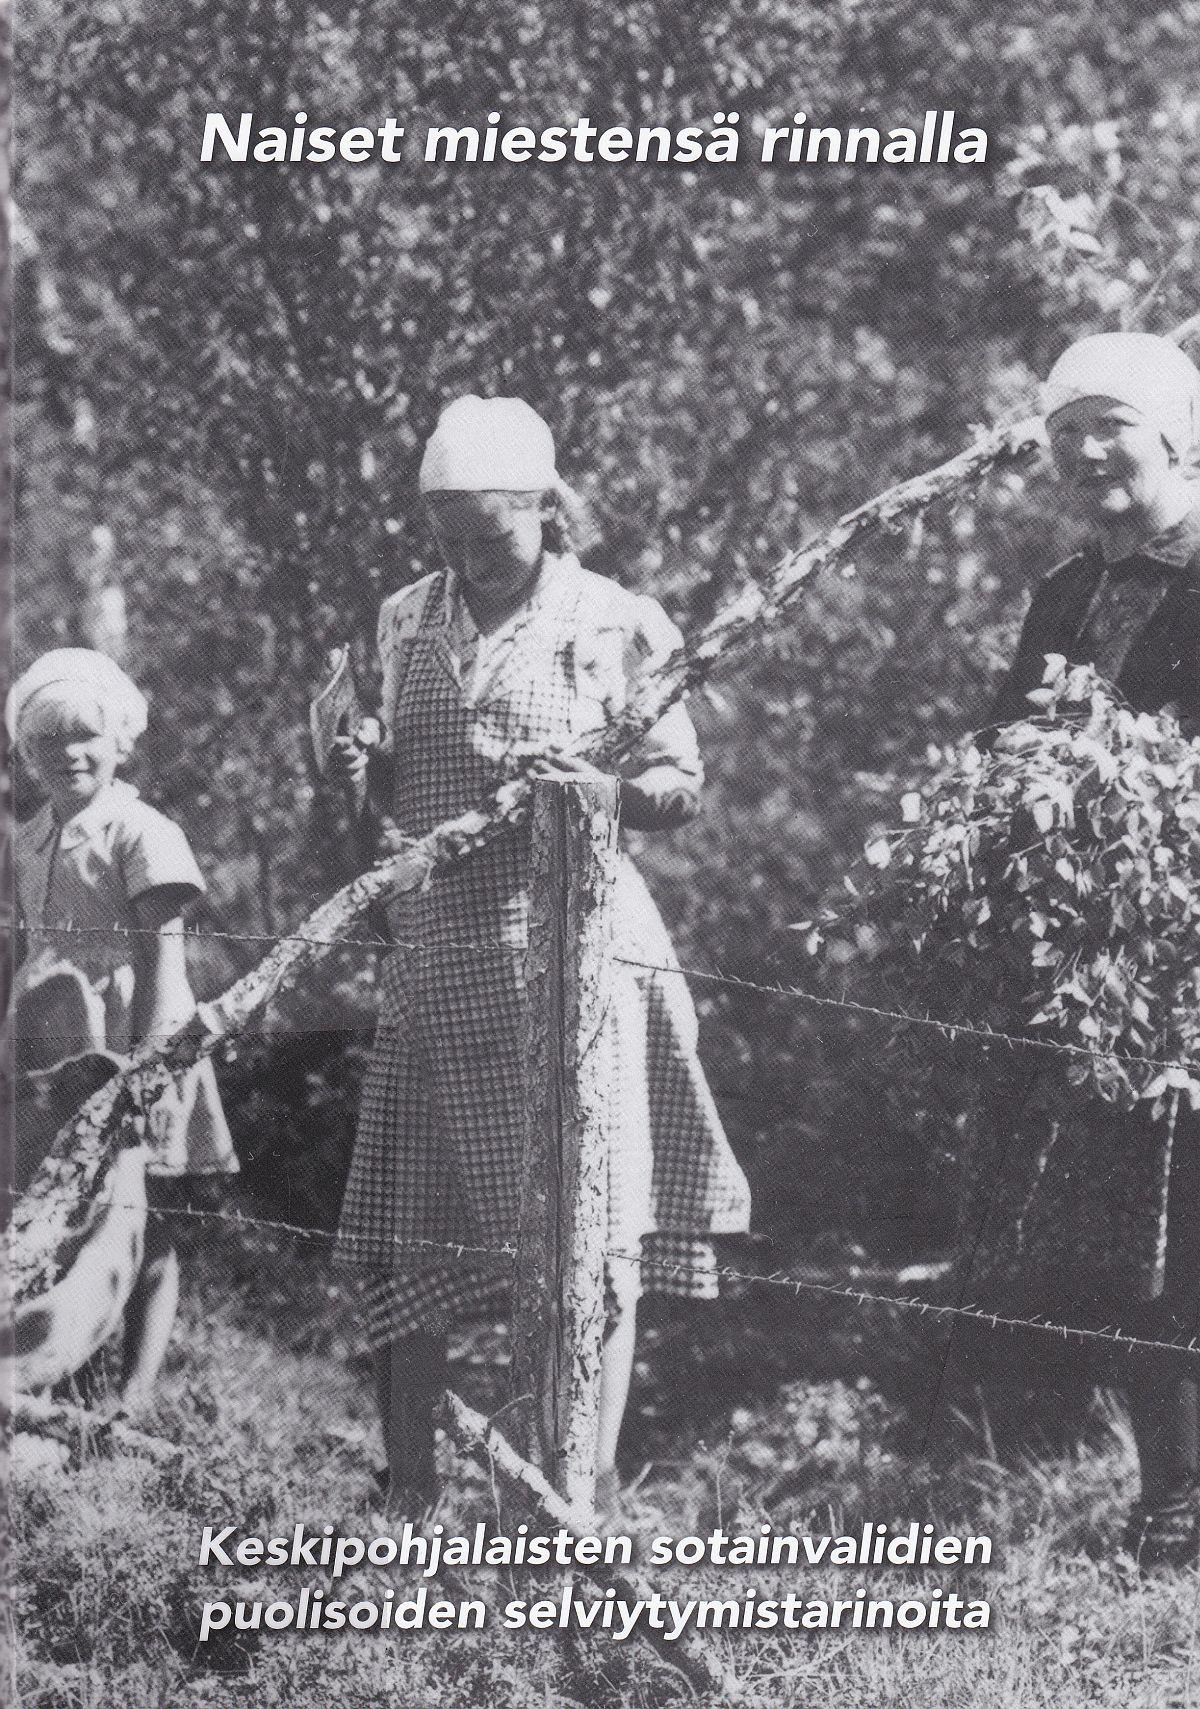 Naiset miestensä rinnalla -teoksen kannessa haapajärviset naiset korjaavat lehmien aitausta.